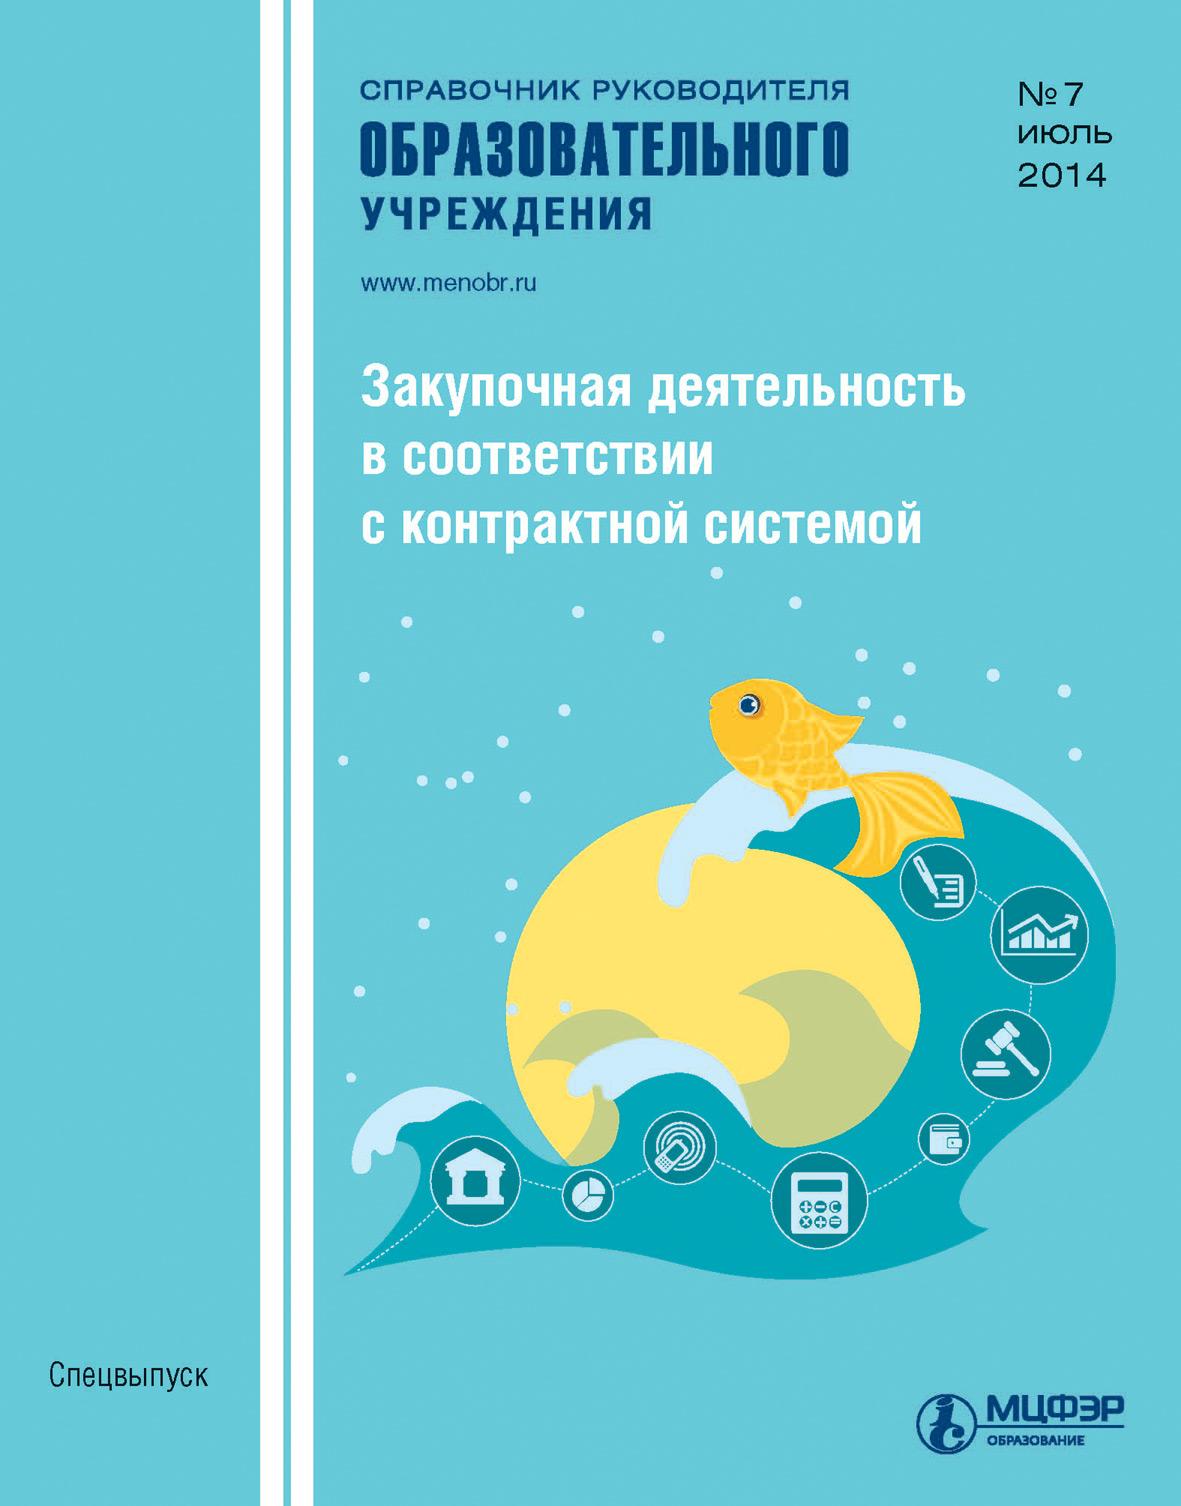 Справочник руководителя образовательного учреждения № 7 2014